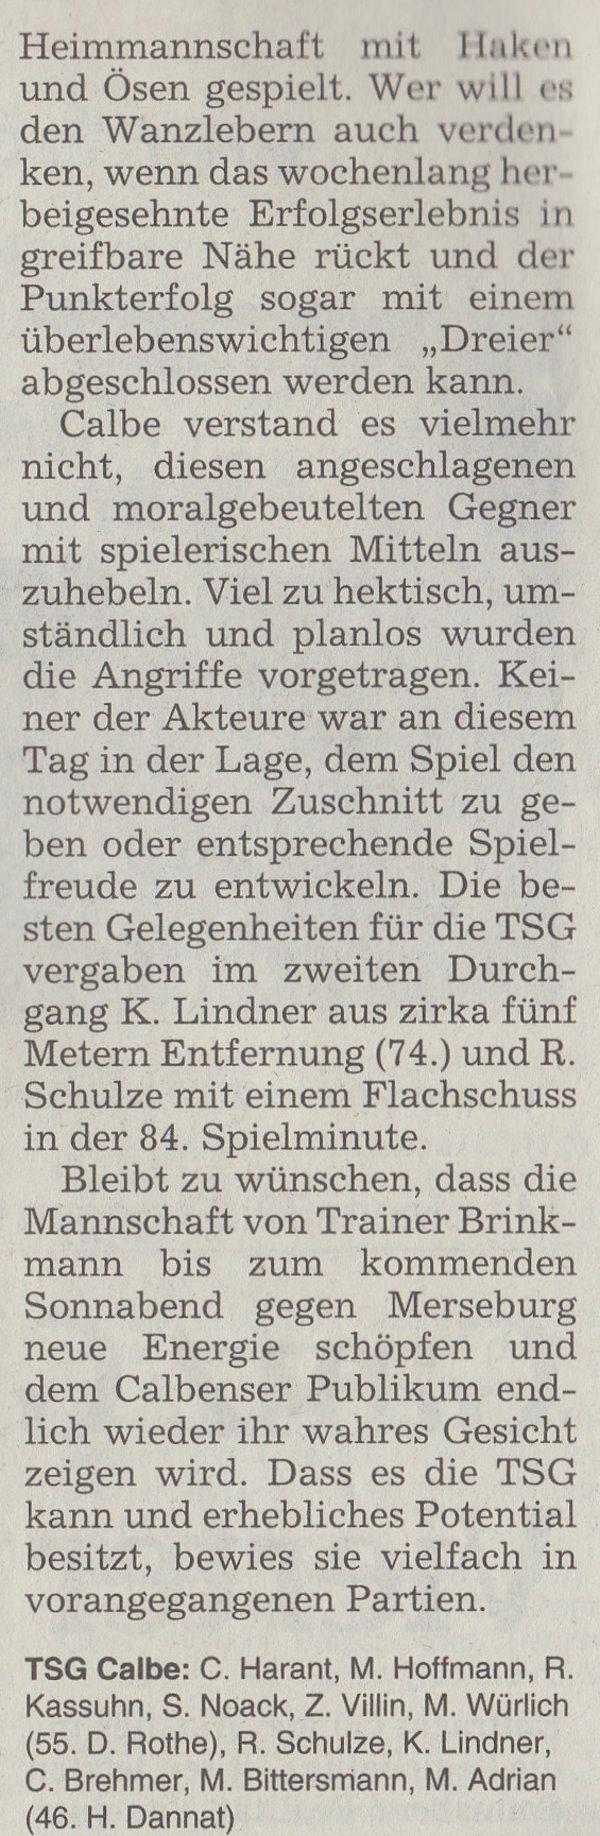 Volksstimme-Artikel vom 07. April 2003 (Teil 3).